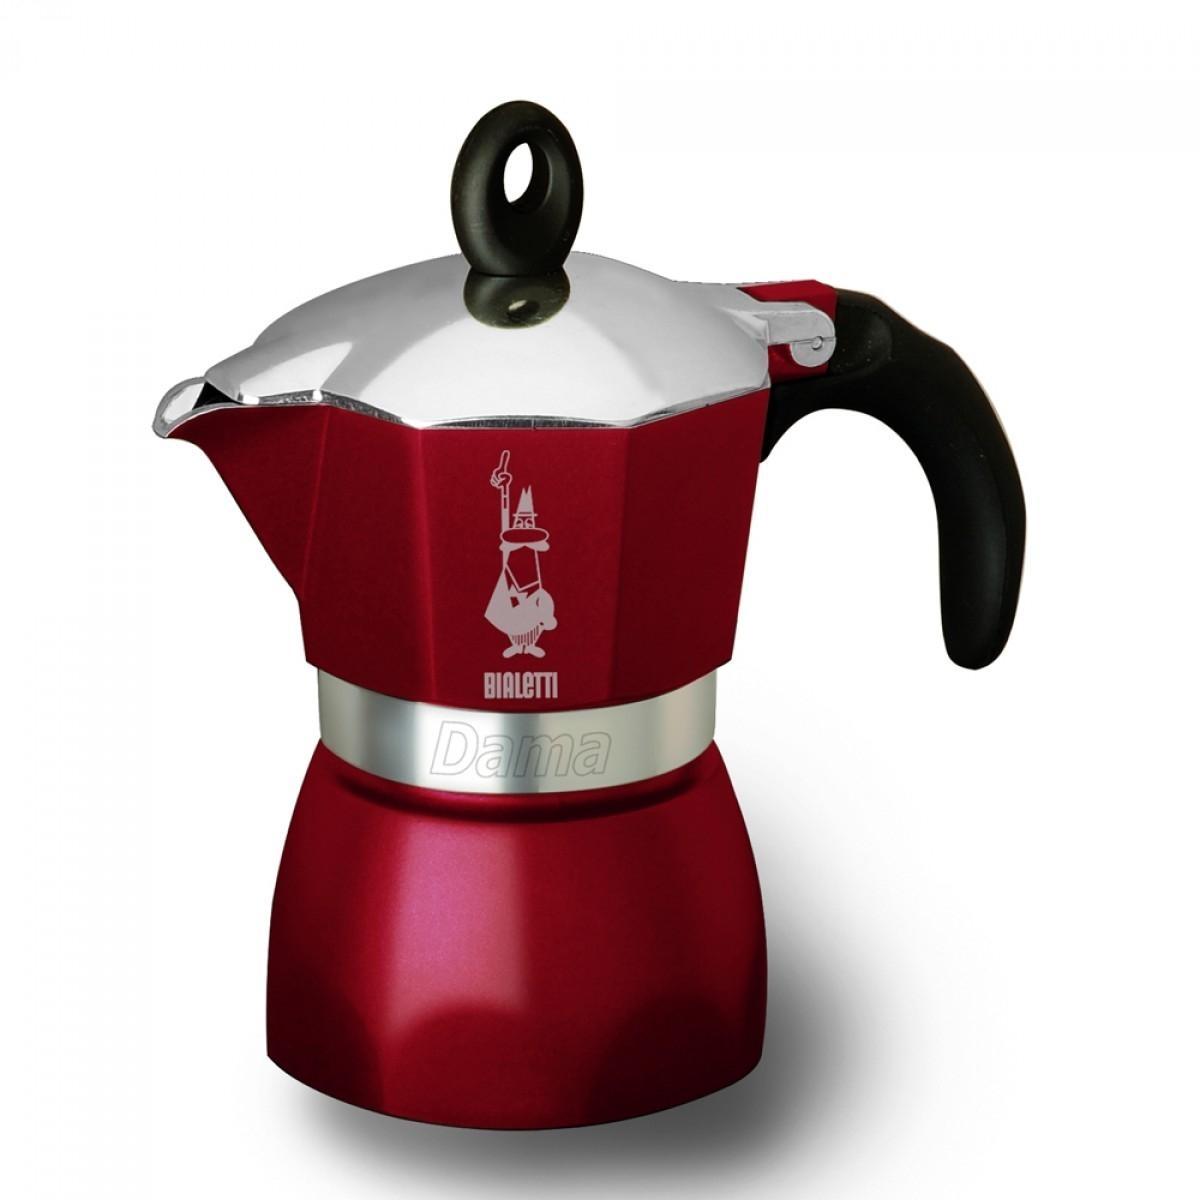 Bialetti hliníkový kávovar Dama Glamour, 3 šálky - bordo